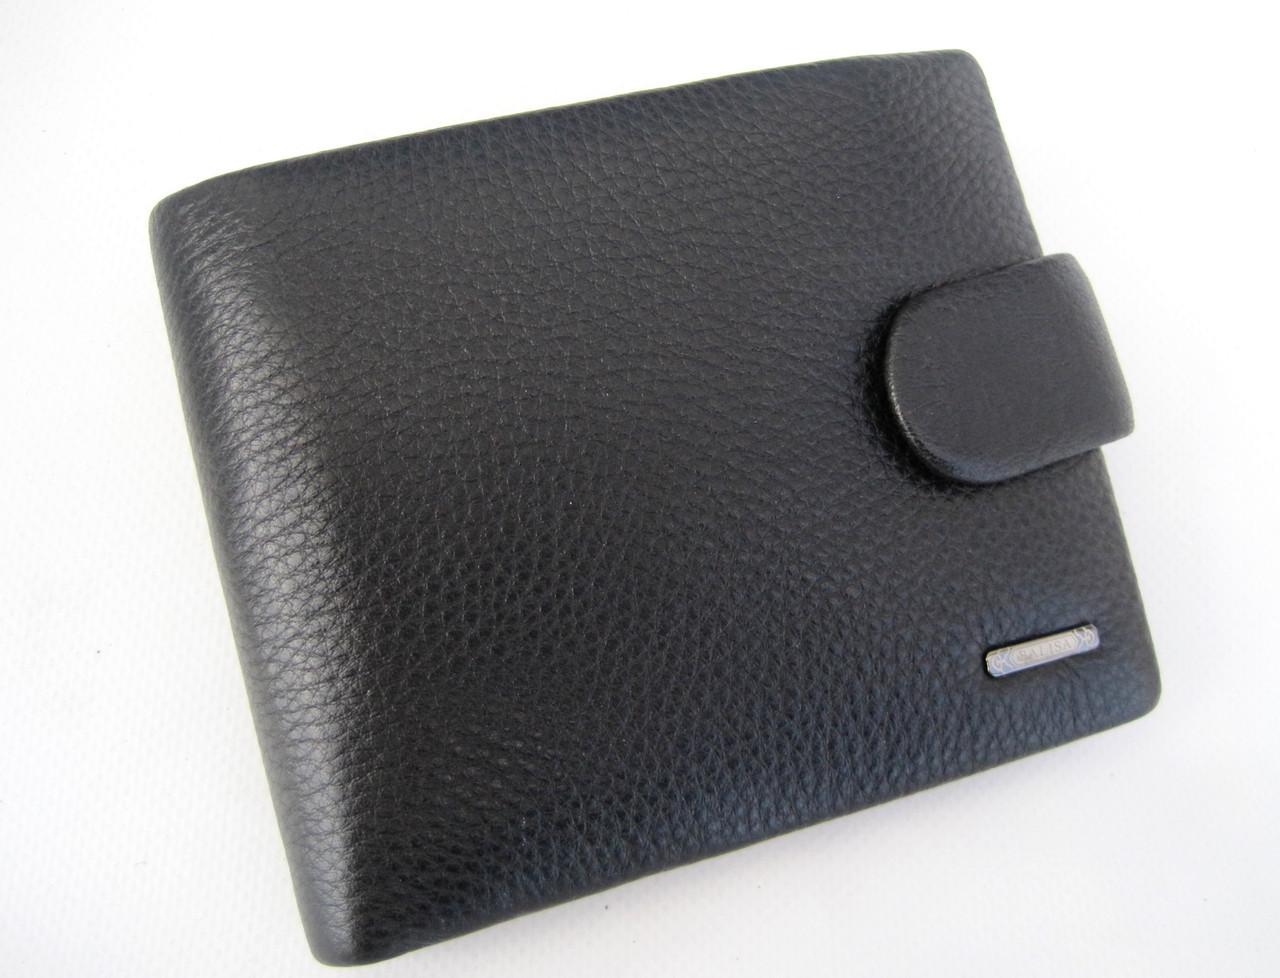 Мужское кожаное портмоне Balisa PY-F005-91 black Кошелек balisa оптом, портмоне balisa оптом